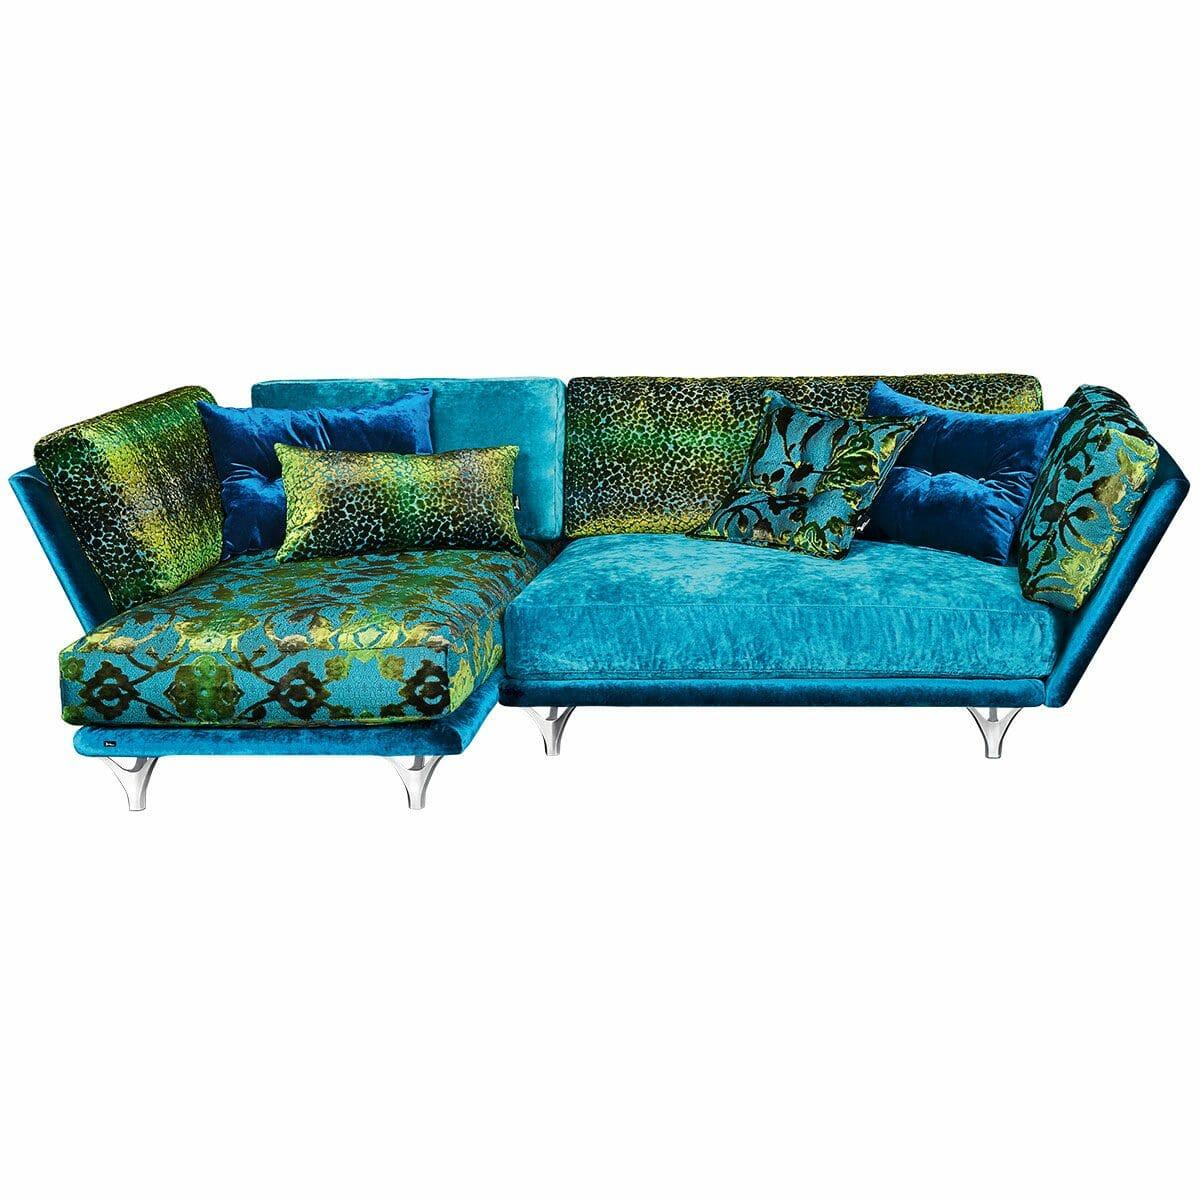 Bretz 126 NAPALI Still 04 1200x1200 Top Ergebnis 10 Luxus Sofa  Zusammenstellen Grafiken 2018 Sjd8